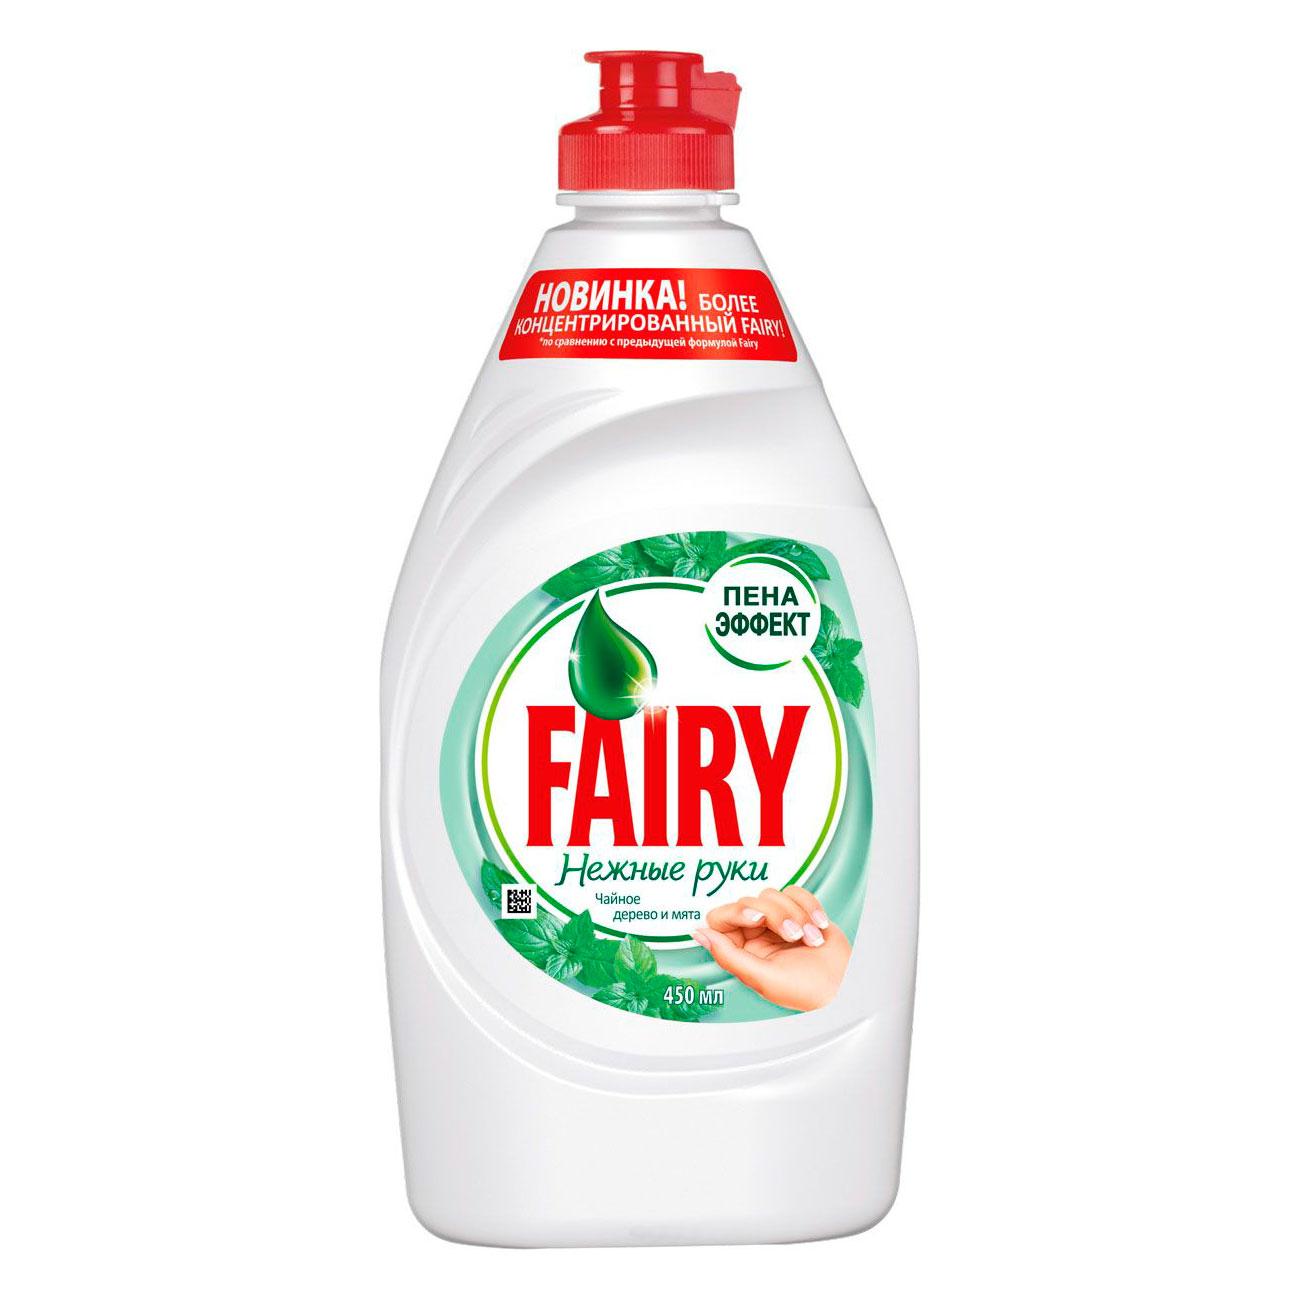 Средство для мытья посуды FAIRY Нежные руки Чайное дерево и мята 450 мл<br>